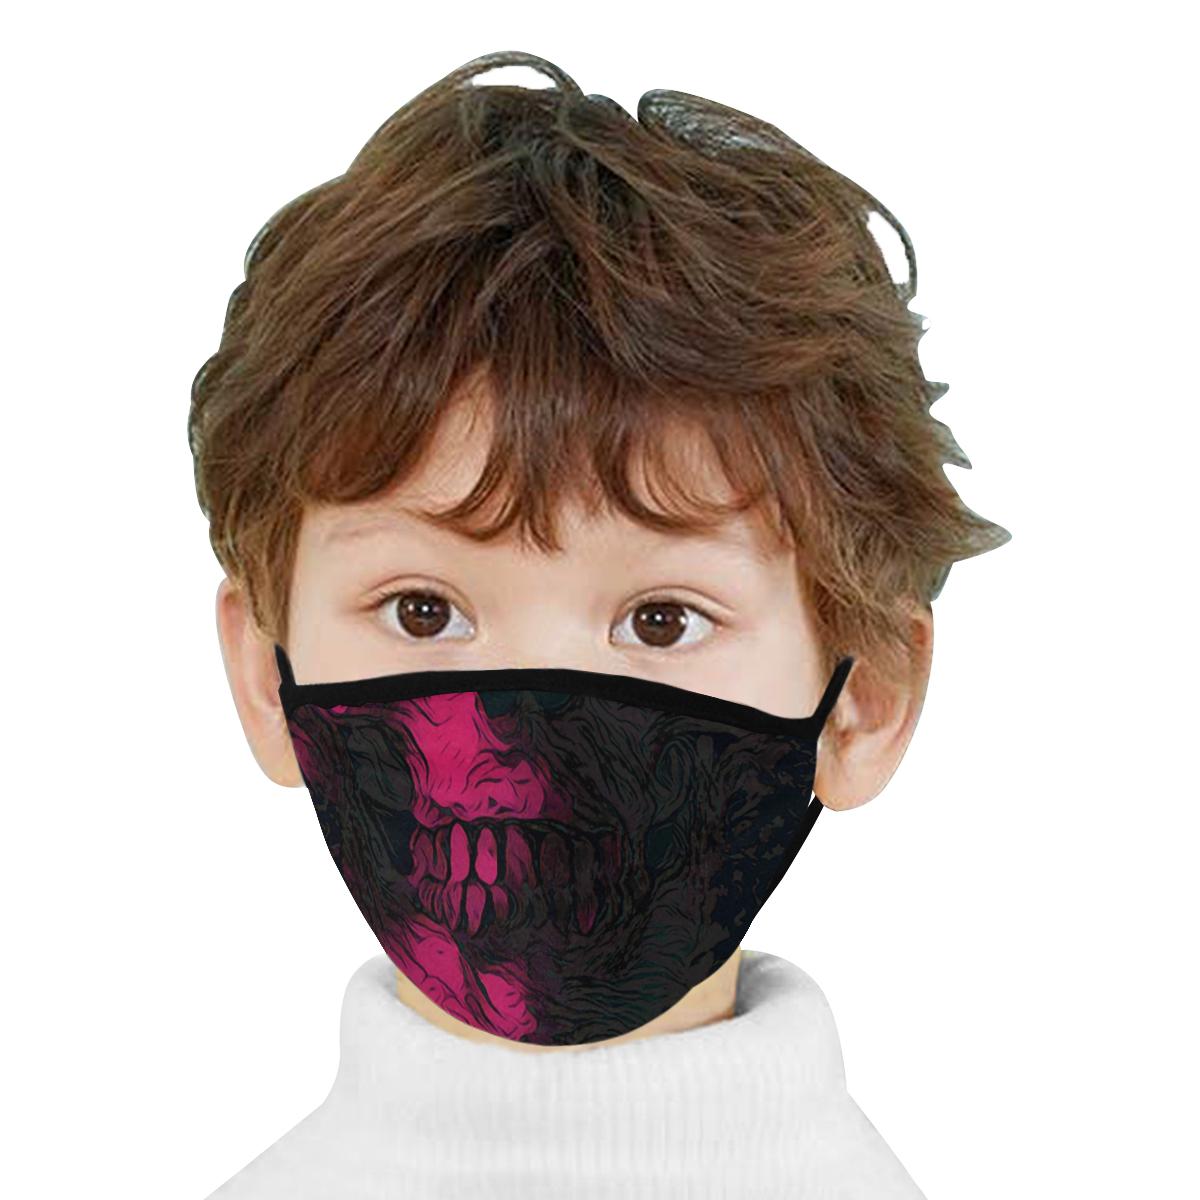 SKULL PINK BLACK MASK Mouth Mask